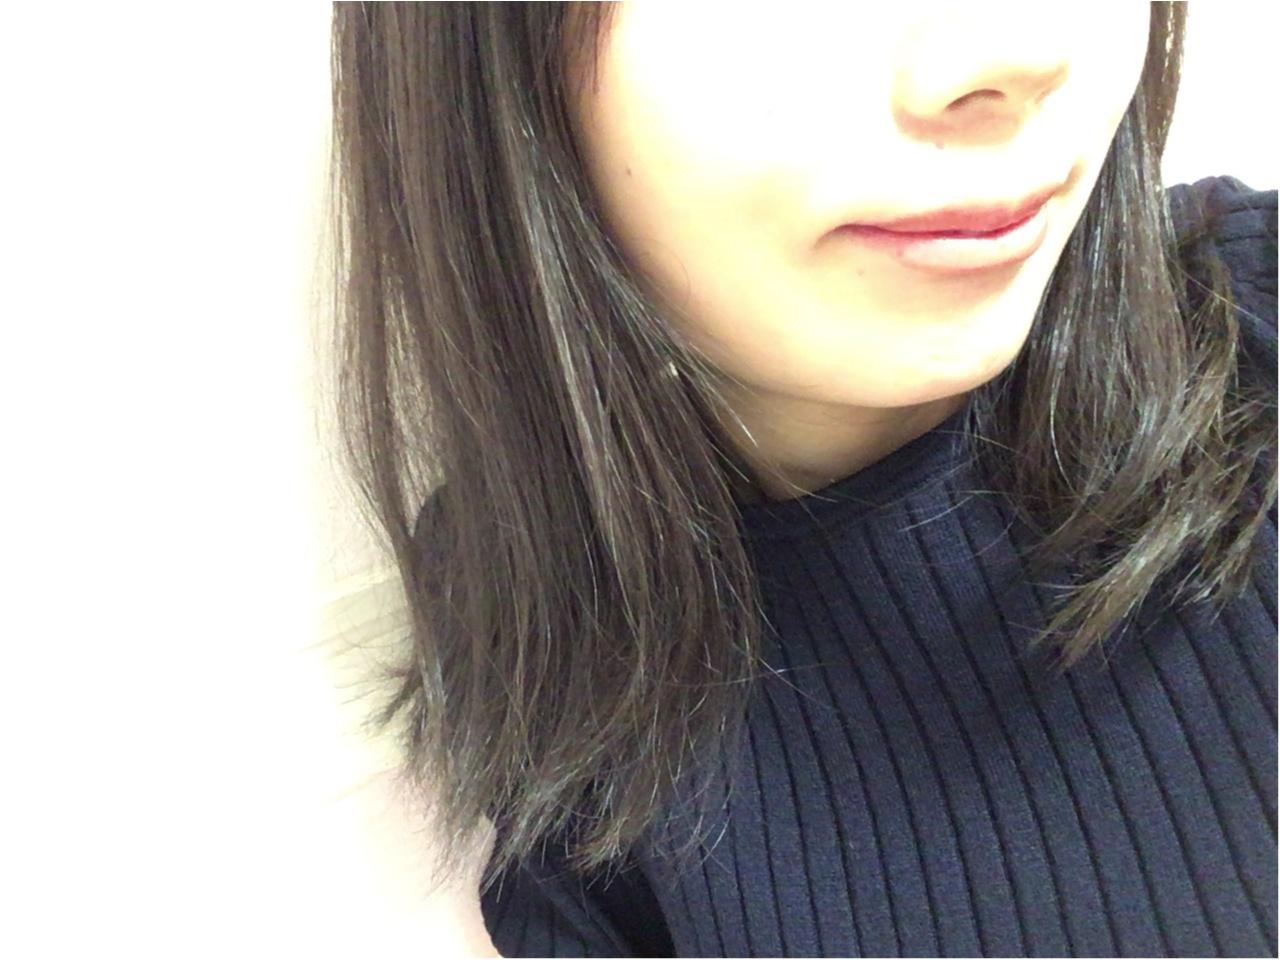 SNS人気急上昇【N.color】オーガニック《低刺激・高発色・色持ち》話題ヘアカラーリングの実力!_3